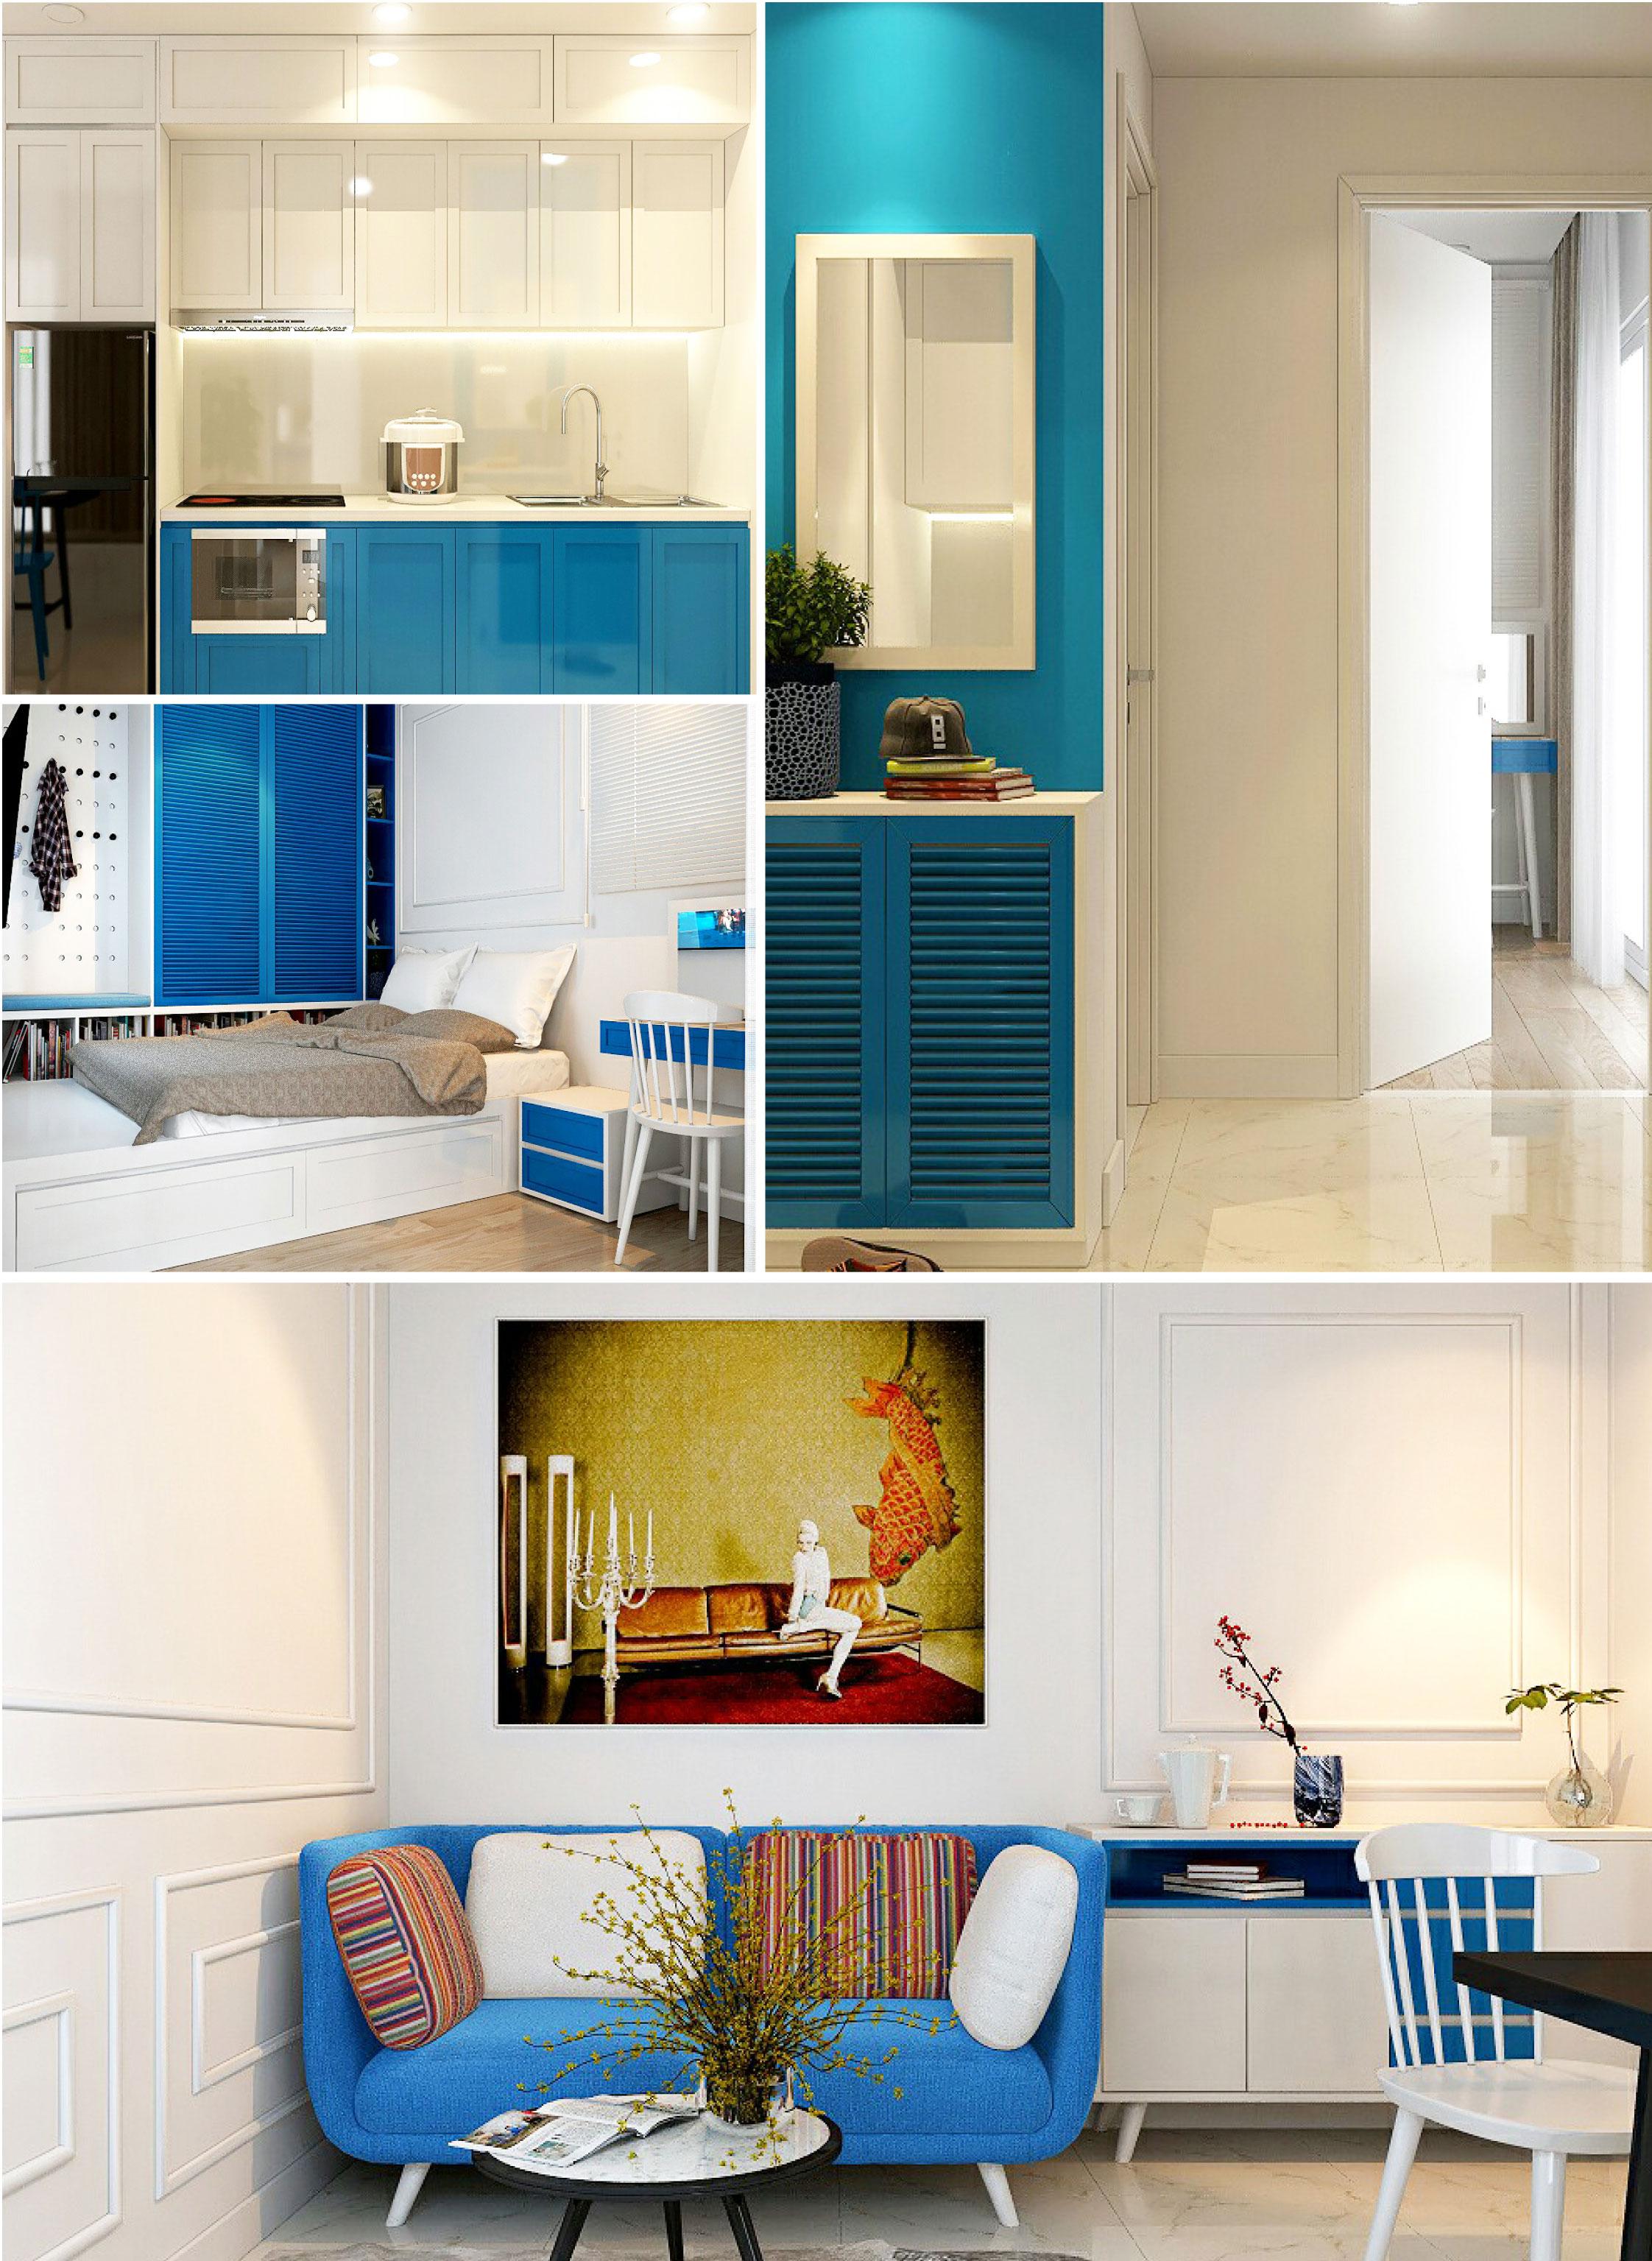 Giới thiệu về căn hộ cho thuê quận 3 Estar